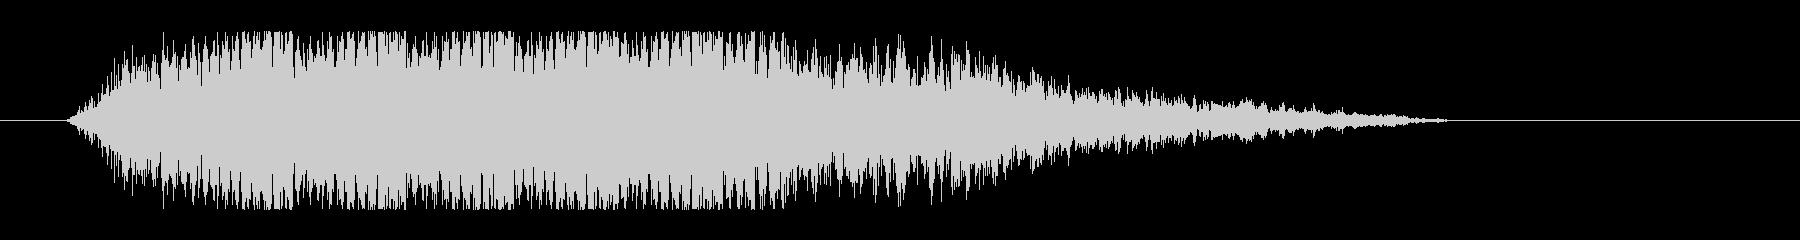 レーザー音-50-3の未再生の波形